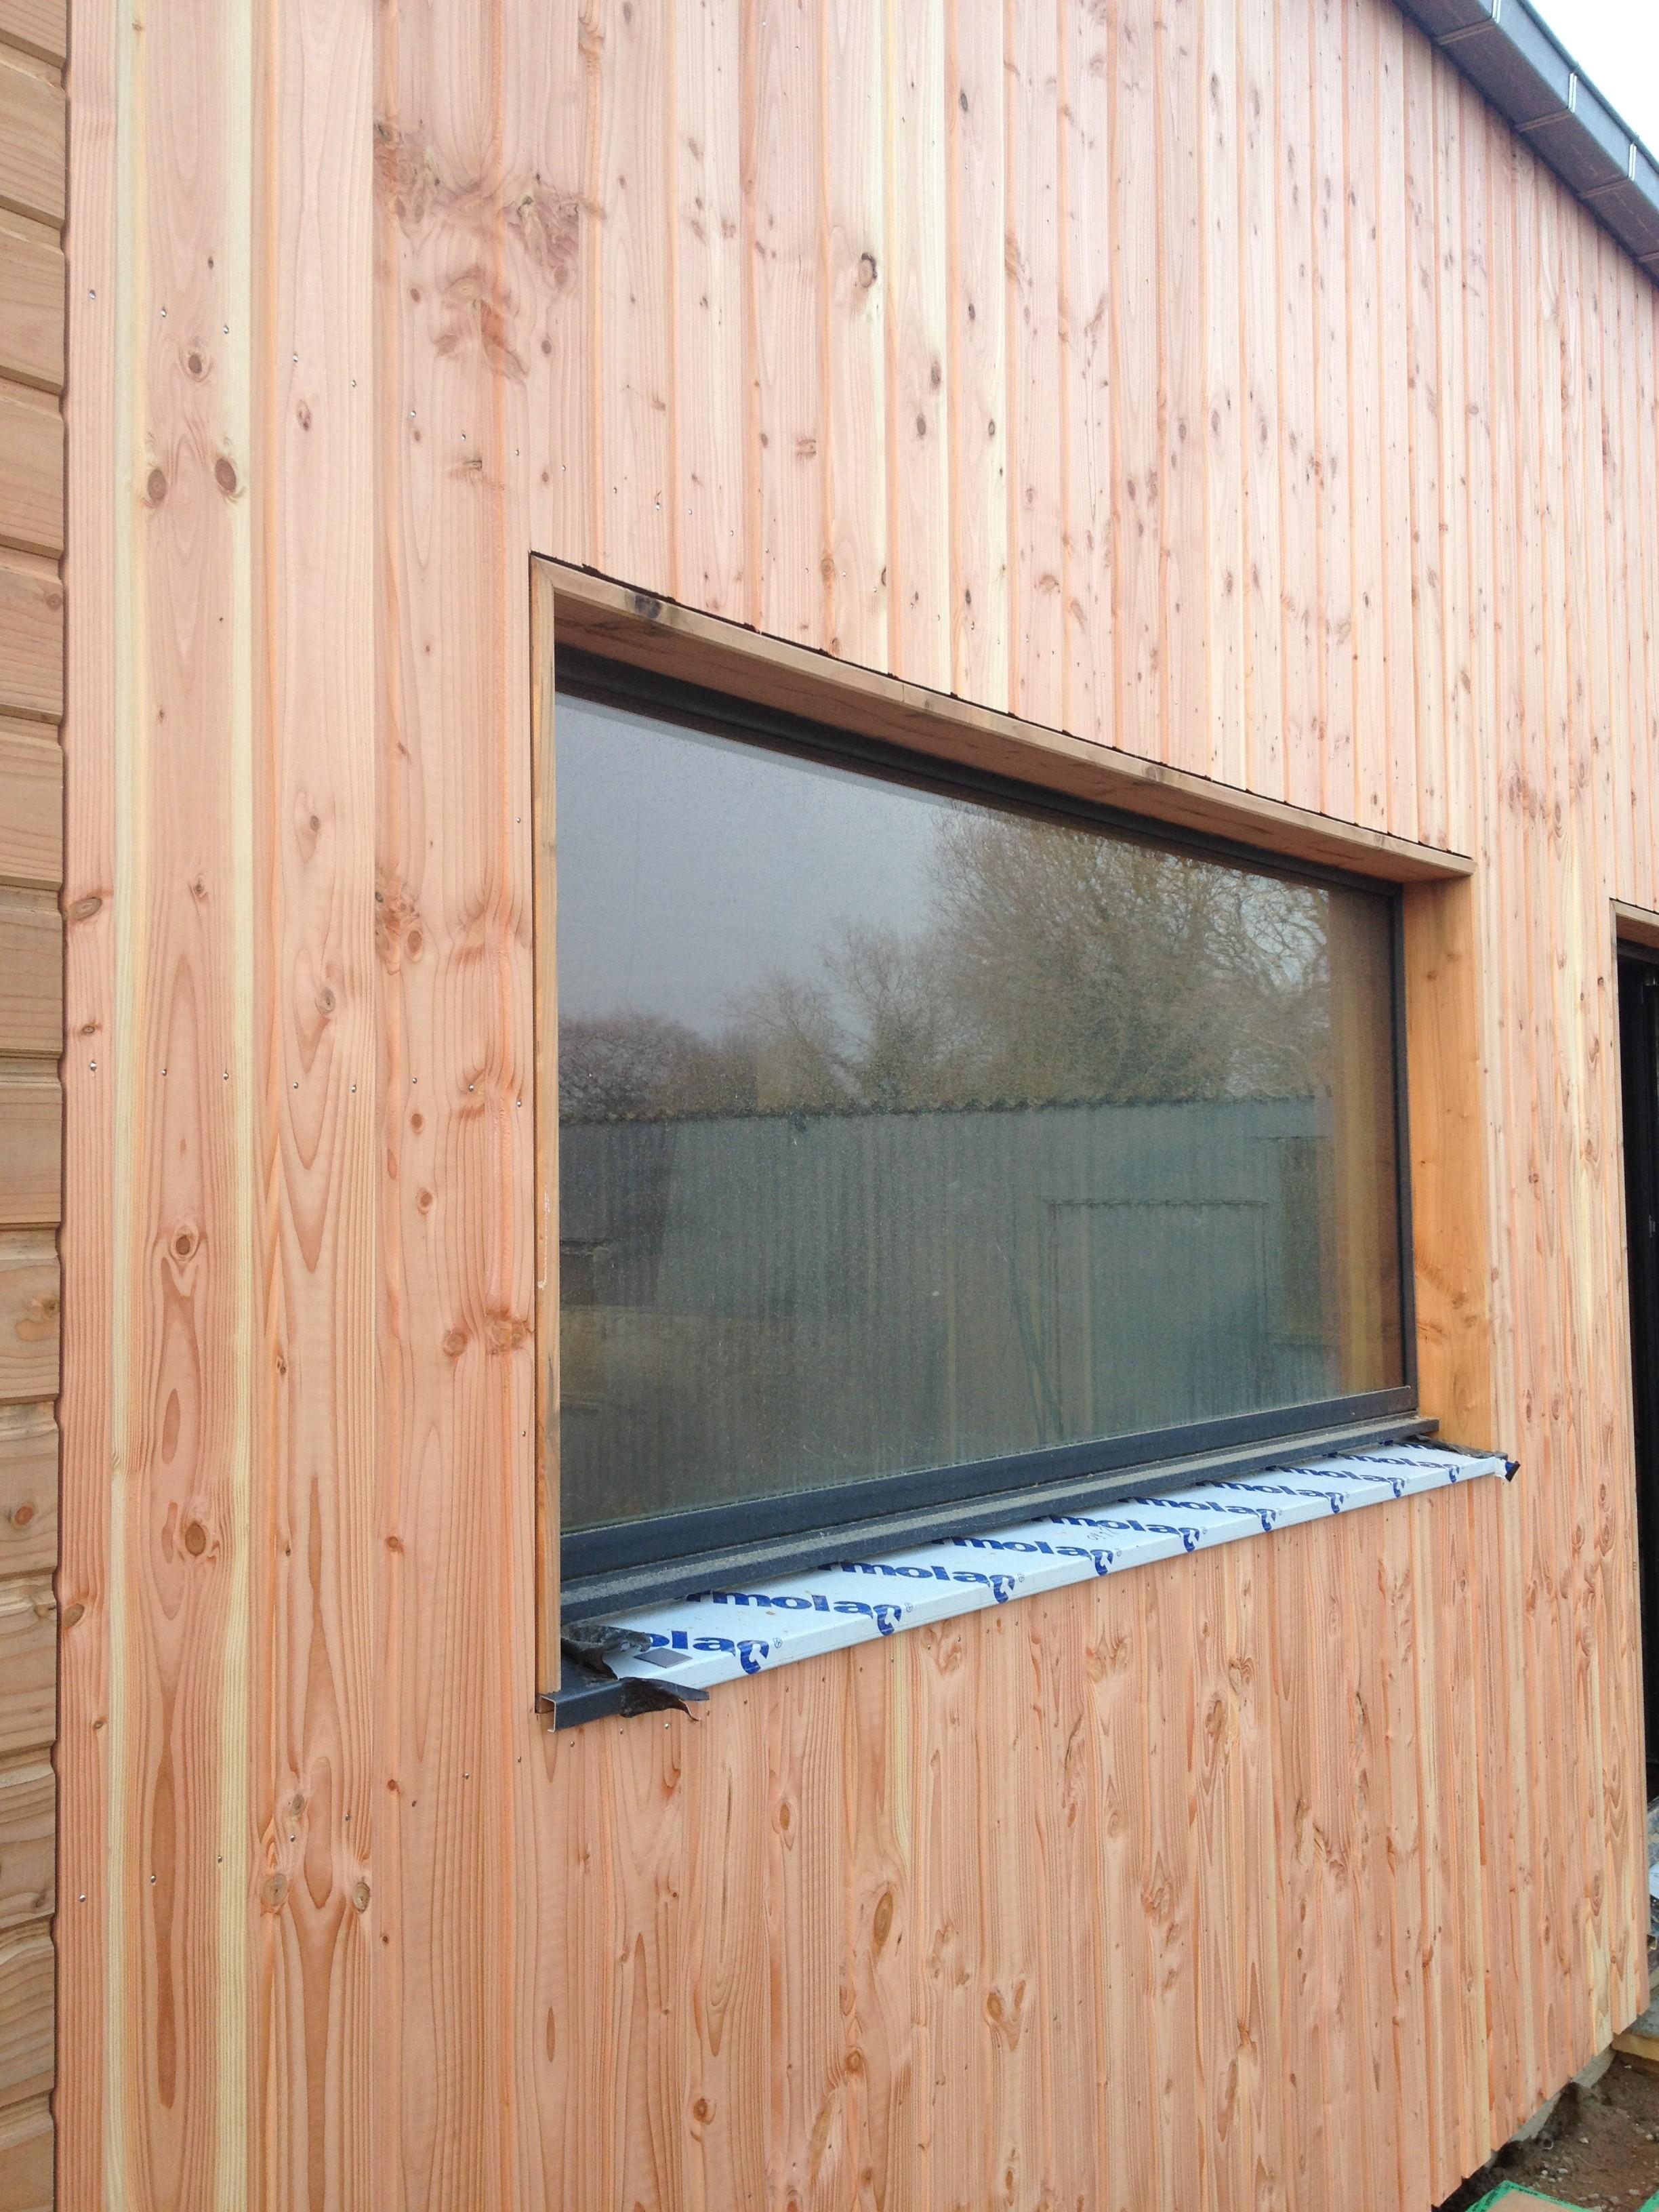 Bardage Bois Vertical Interieur bardage bois, le bardage est un habillage extérieur